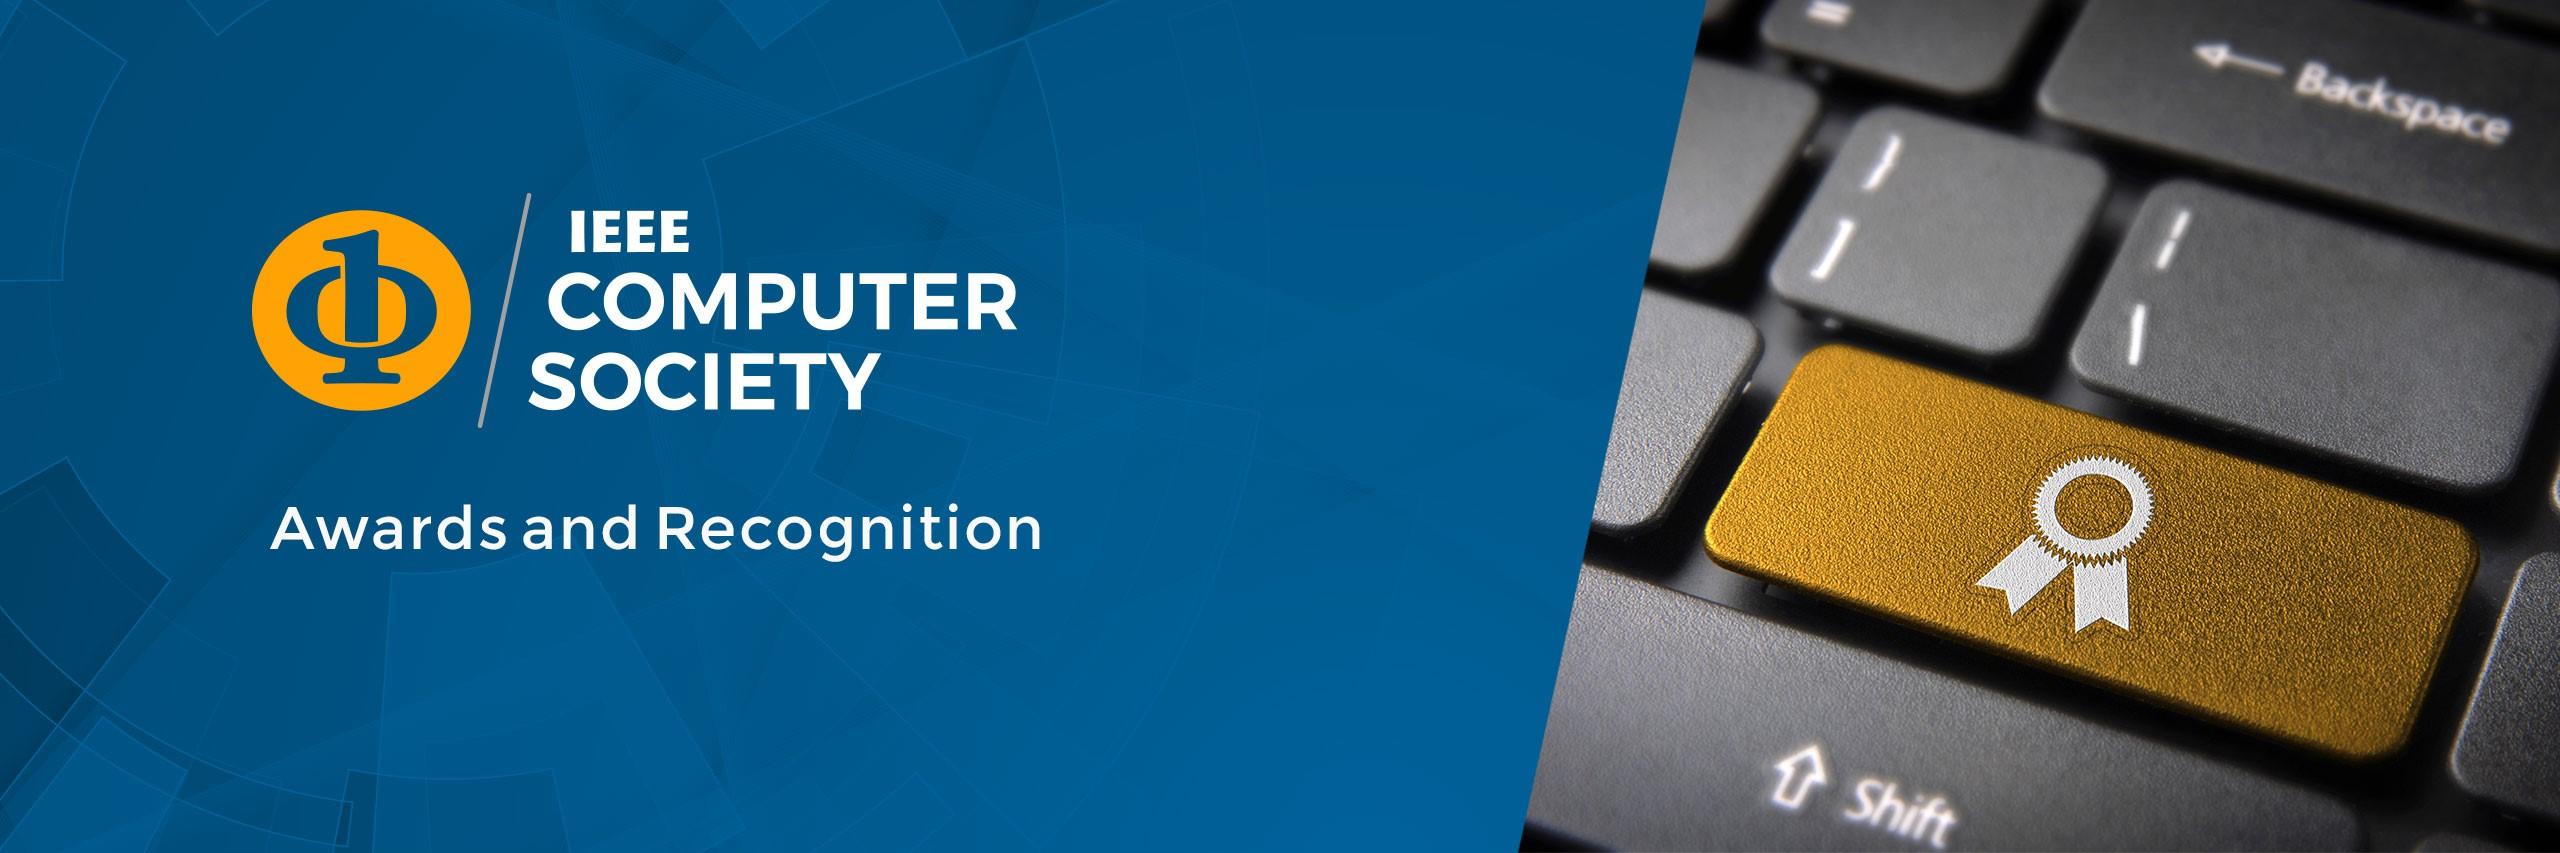 IEEE - IEEE Computer Society Awards